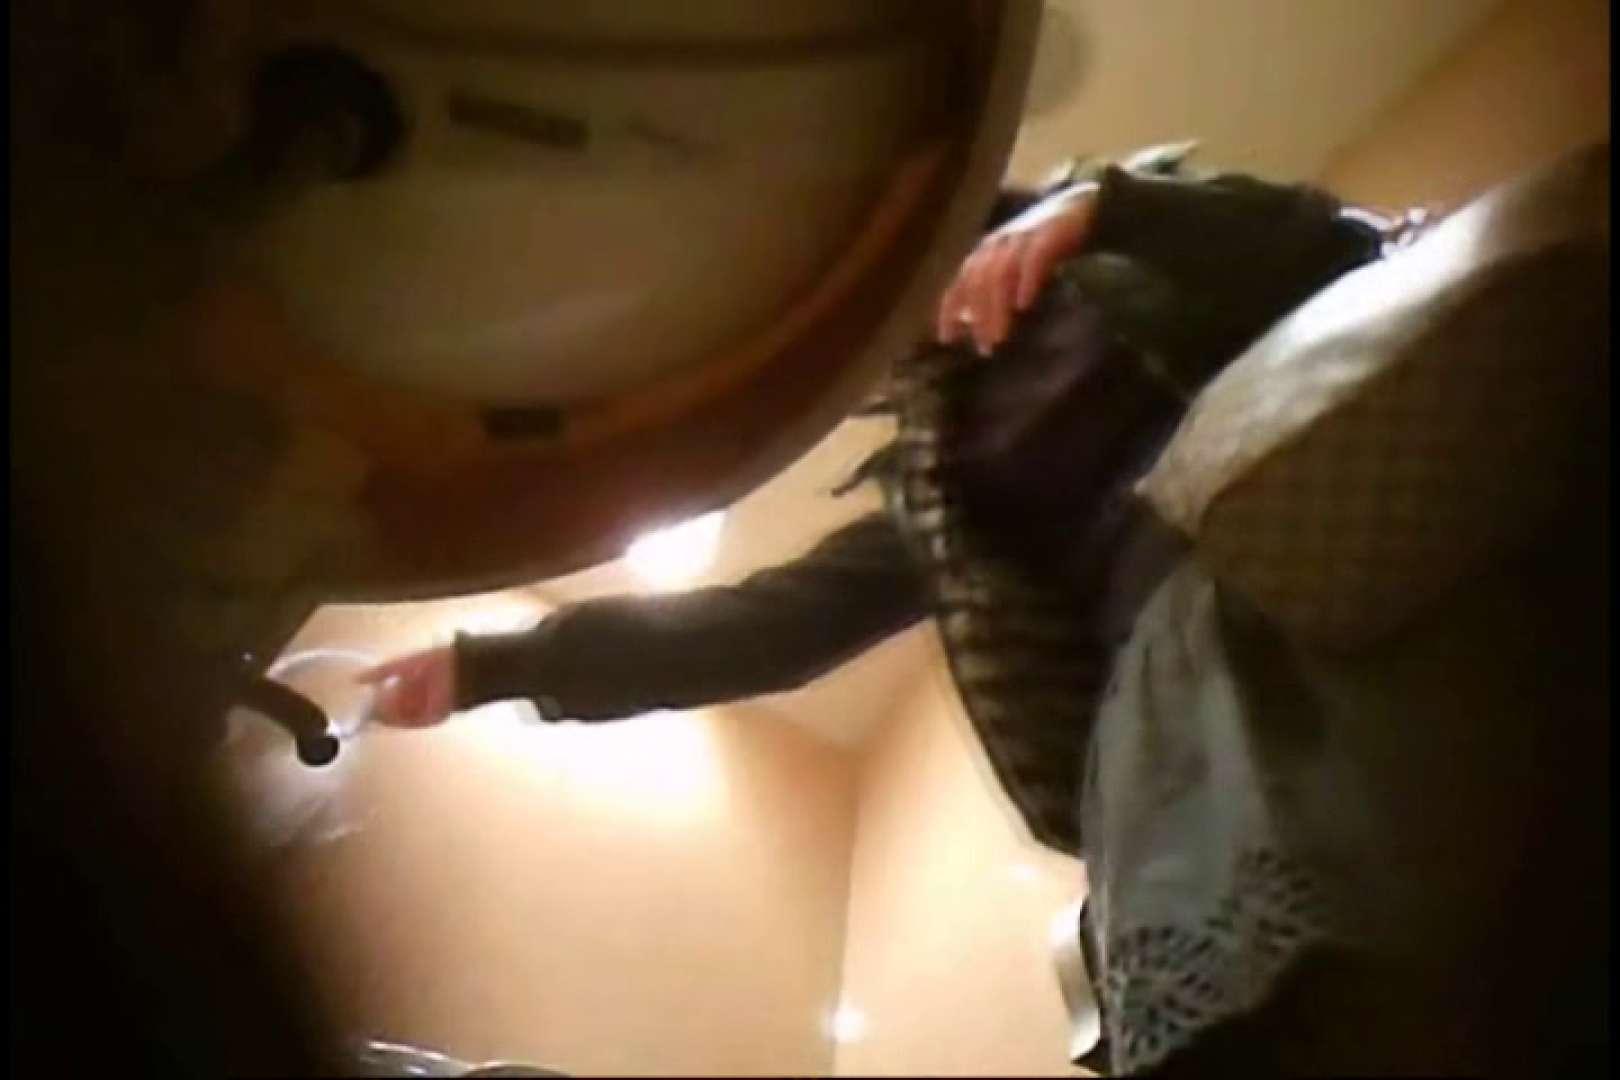 画質向上!新亀さん厠 vol.01 黄金水 ワレメ動画紹介 107PIX 9